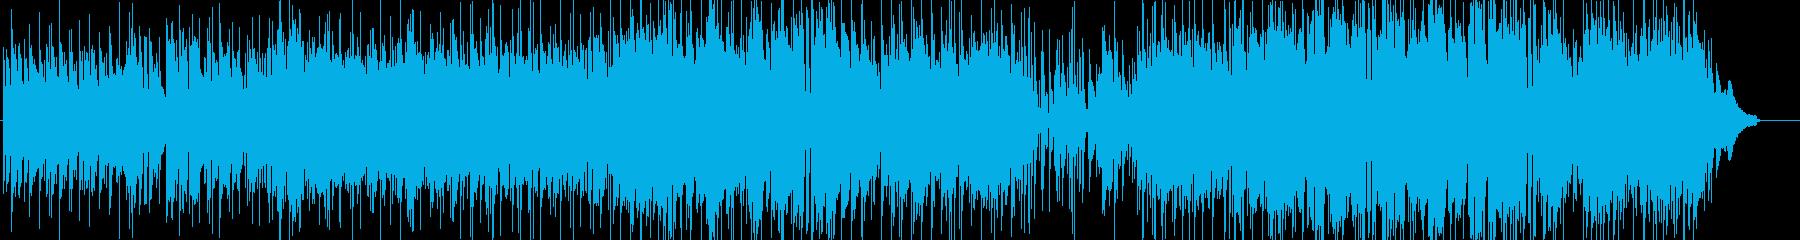 甘くとろけるようなメロディのバラードの再生済みの波形